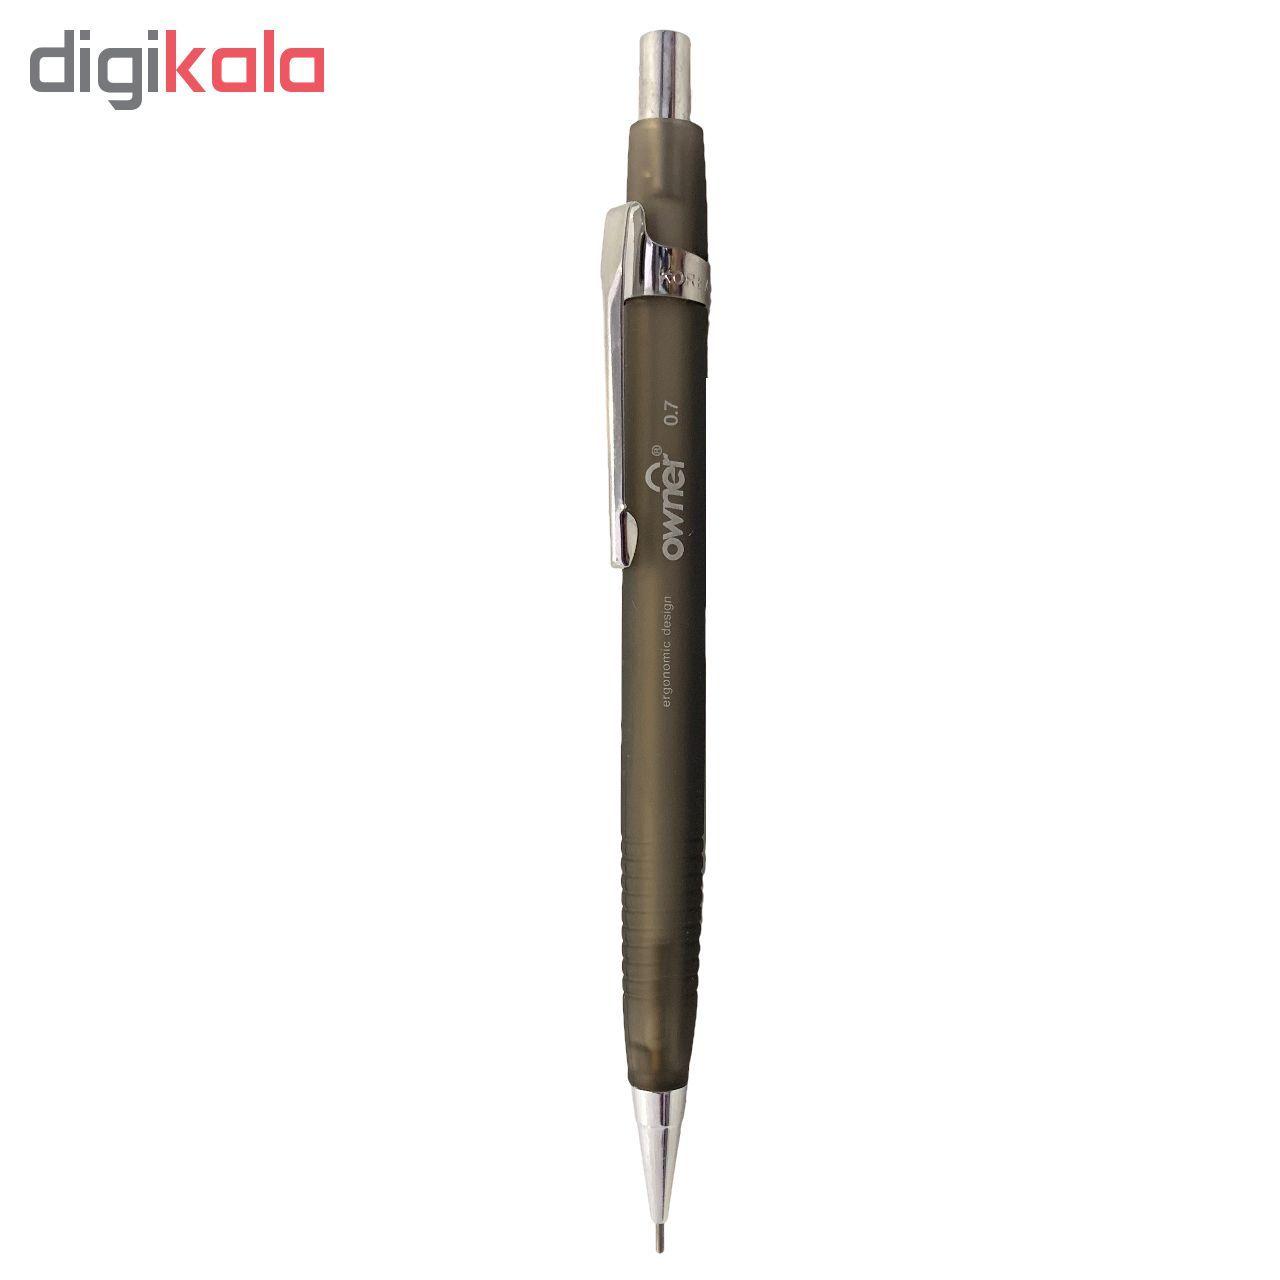 مداد نوکی اونر کد 115200 قطر نوشتاری  0.7 میلی متر main 1 5